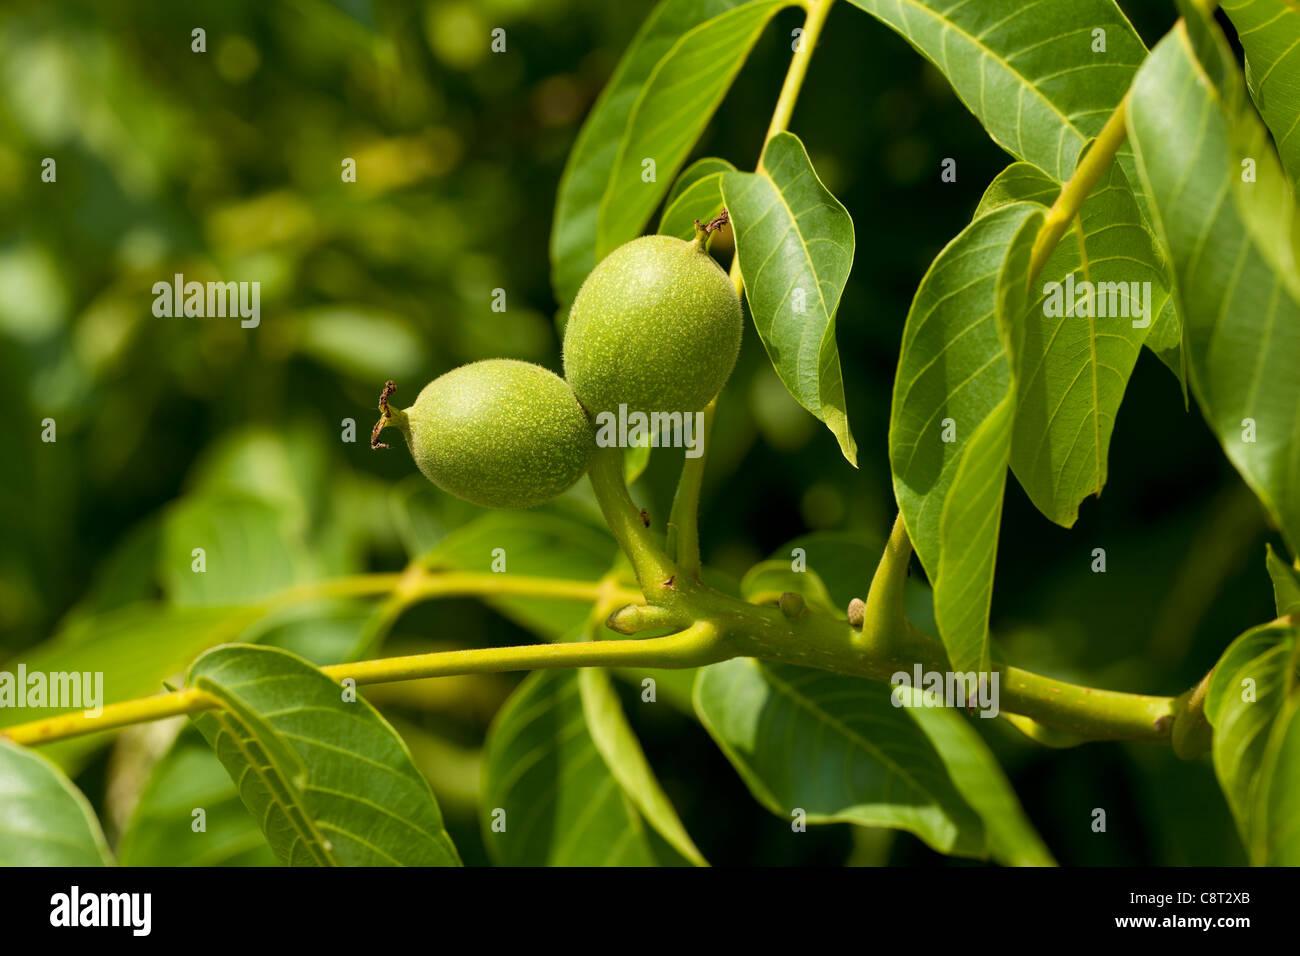 Walnuss Zweig mit jungen Früchten Stockbild